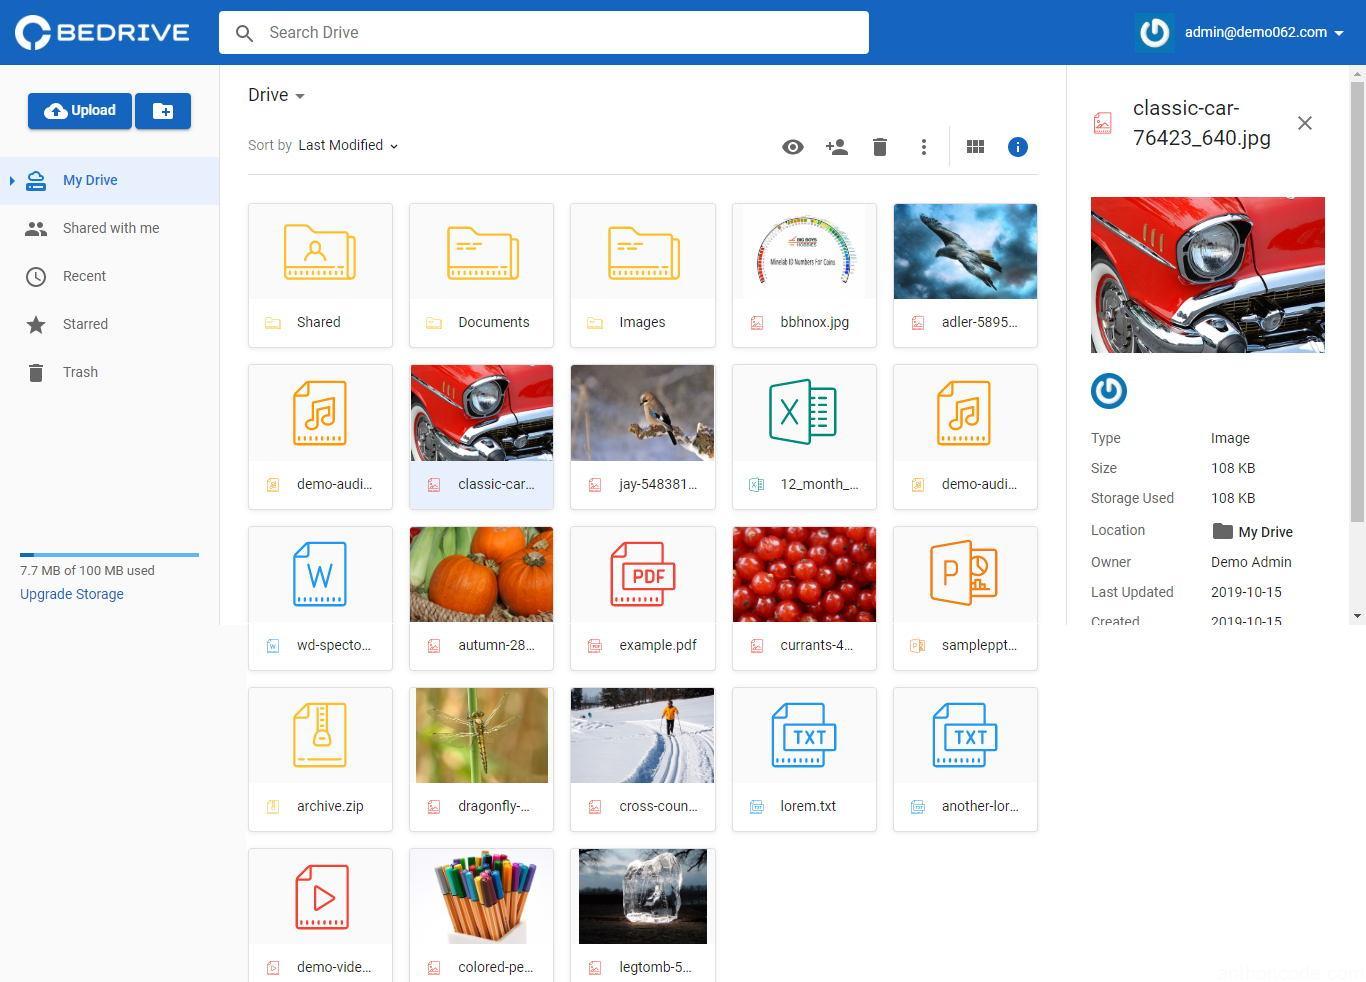 Bedrive plataforma de almacenamiento en la nube y uso compartido de archivos